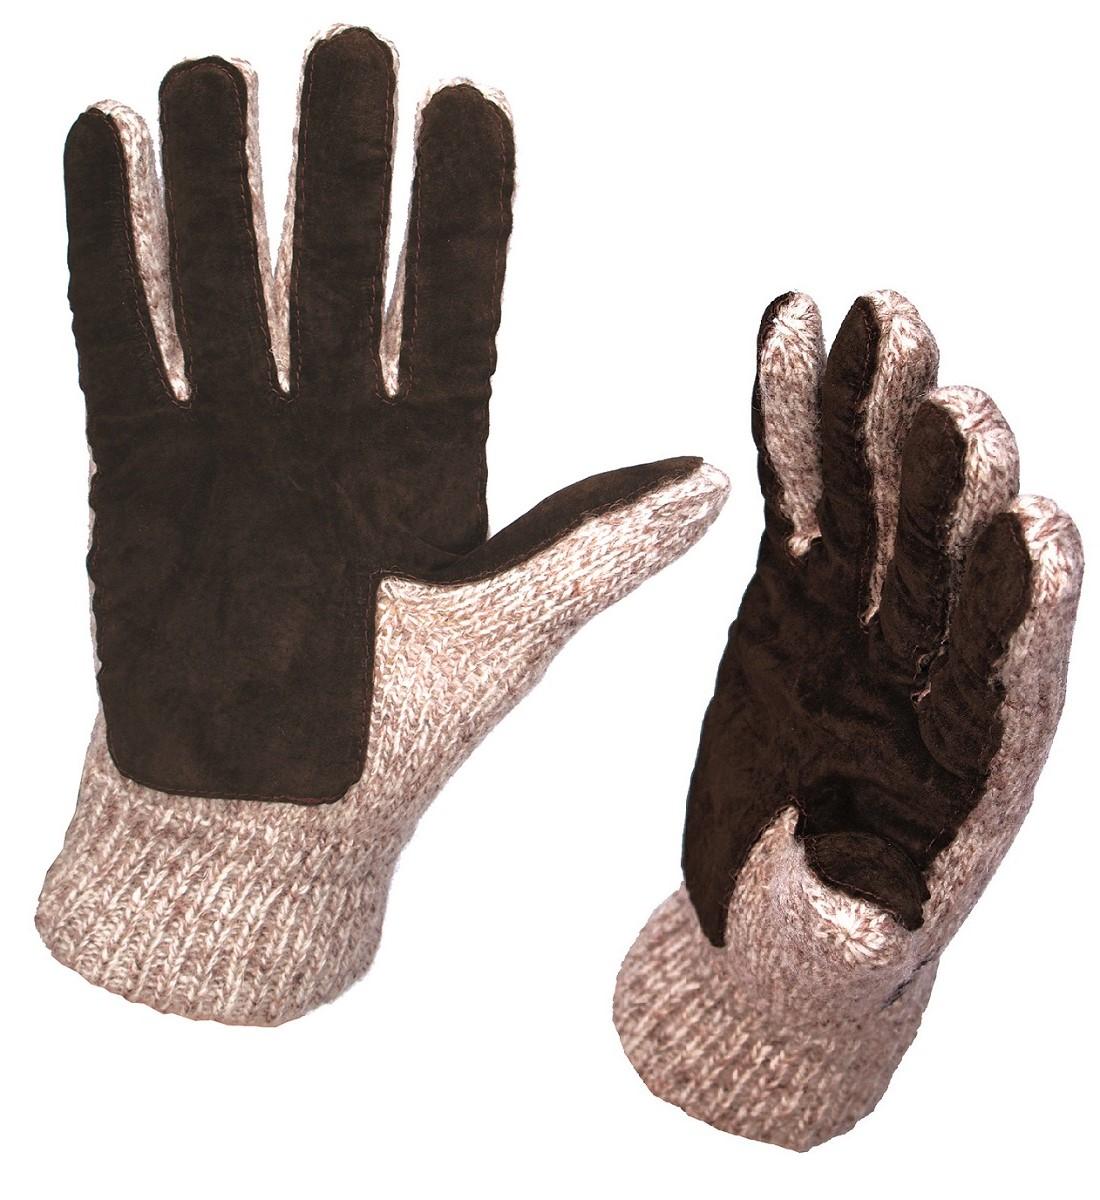 Перчатки для рыбалки мужские Norfin Salmo, цвет: бежевый, коричневый. 7043. Размер L (9)